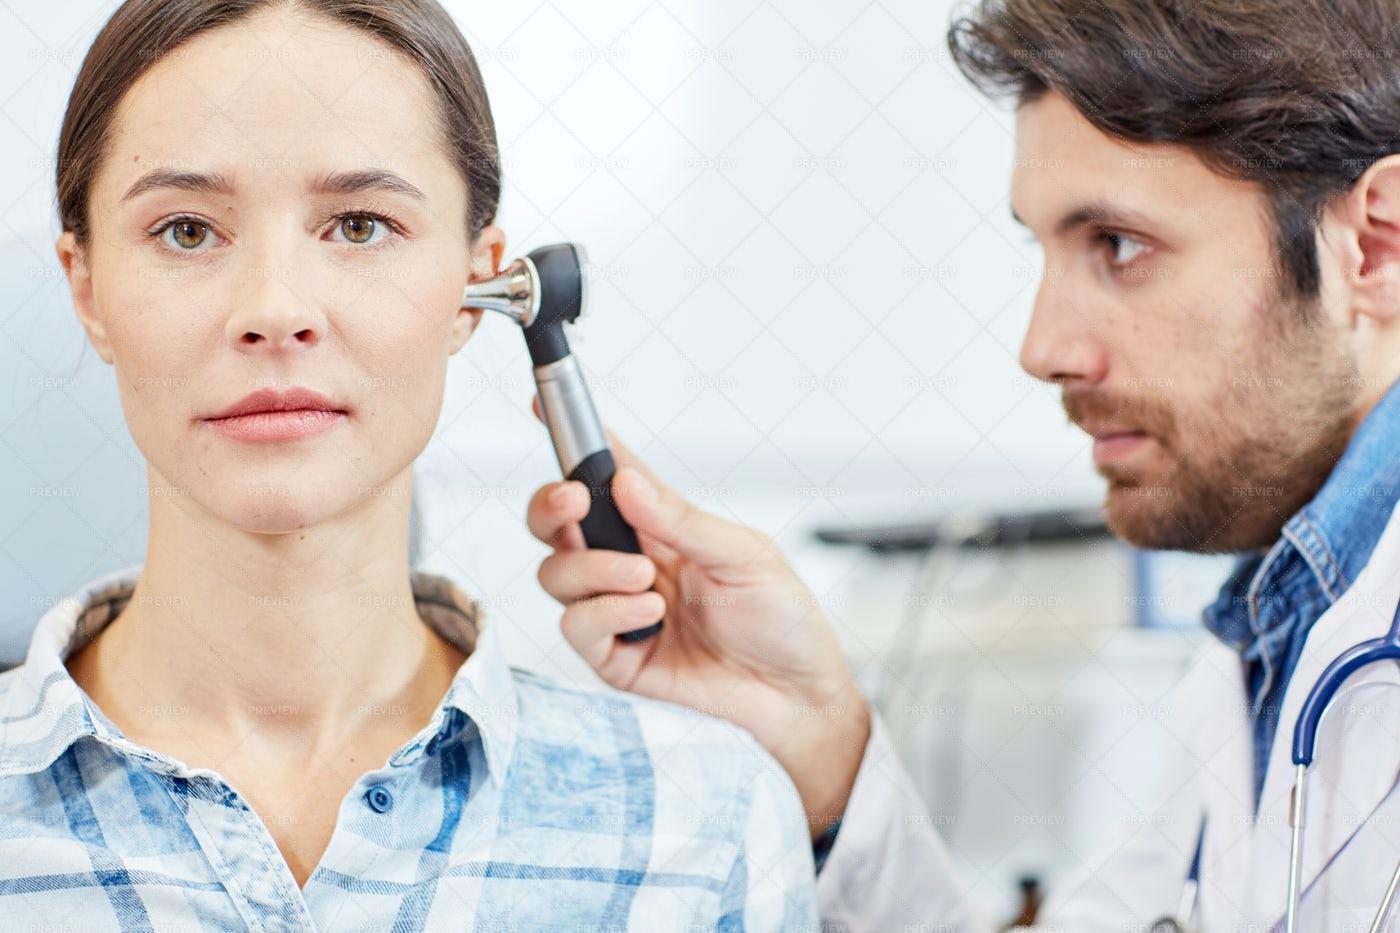 Ear Check-up: Stock Photos